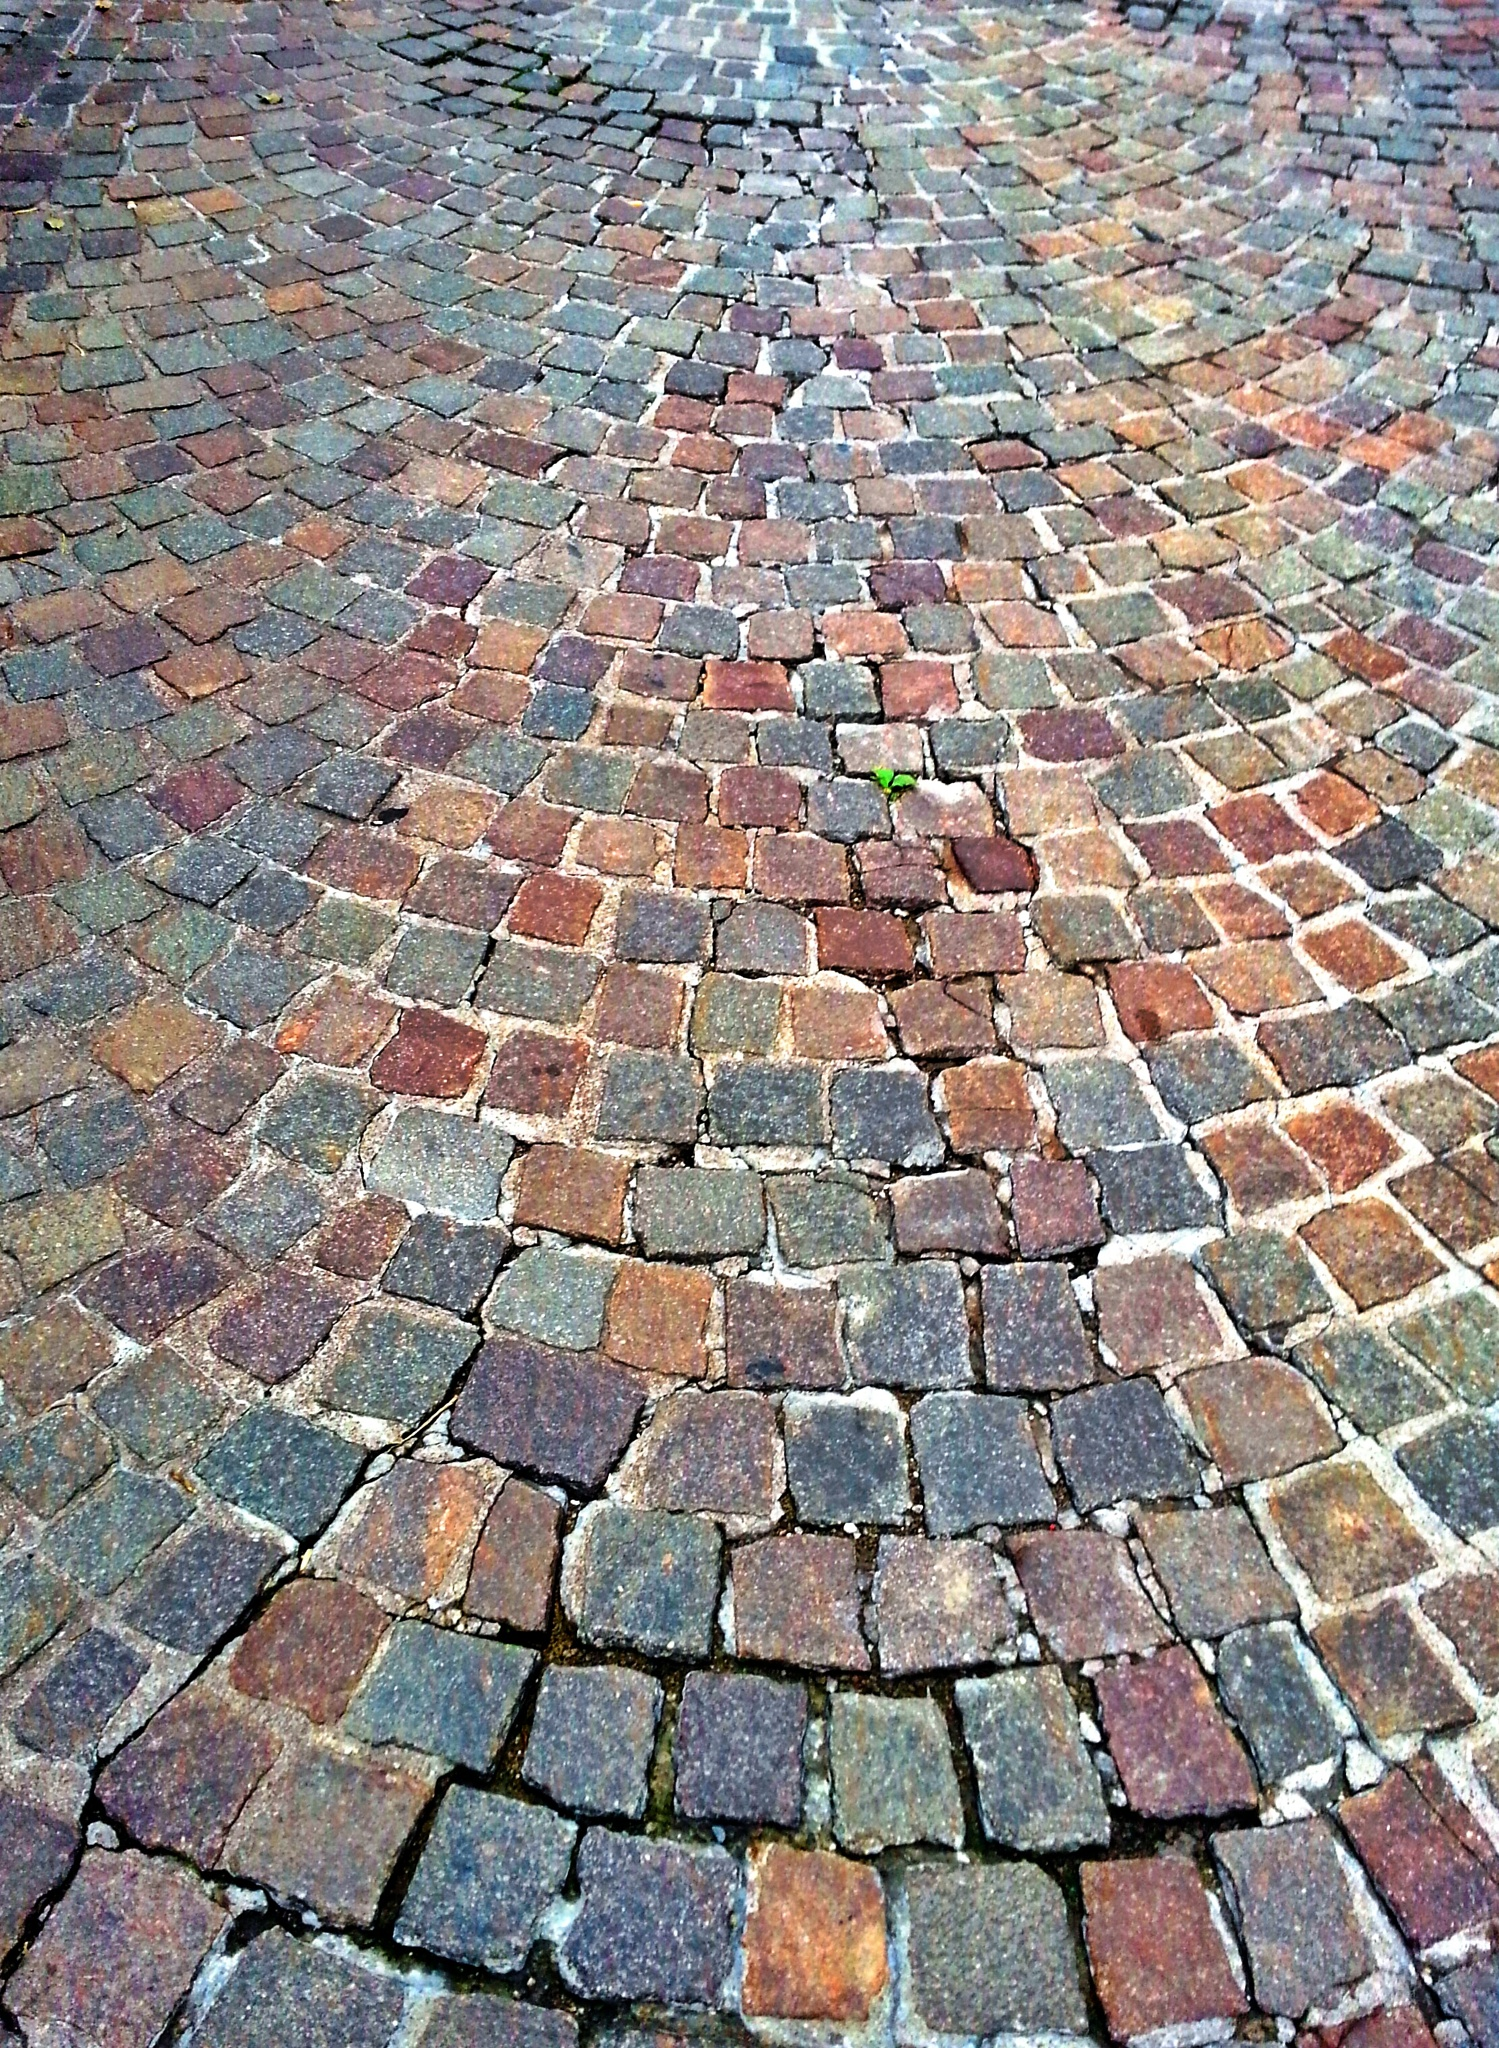 stones by Markus Springer